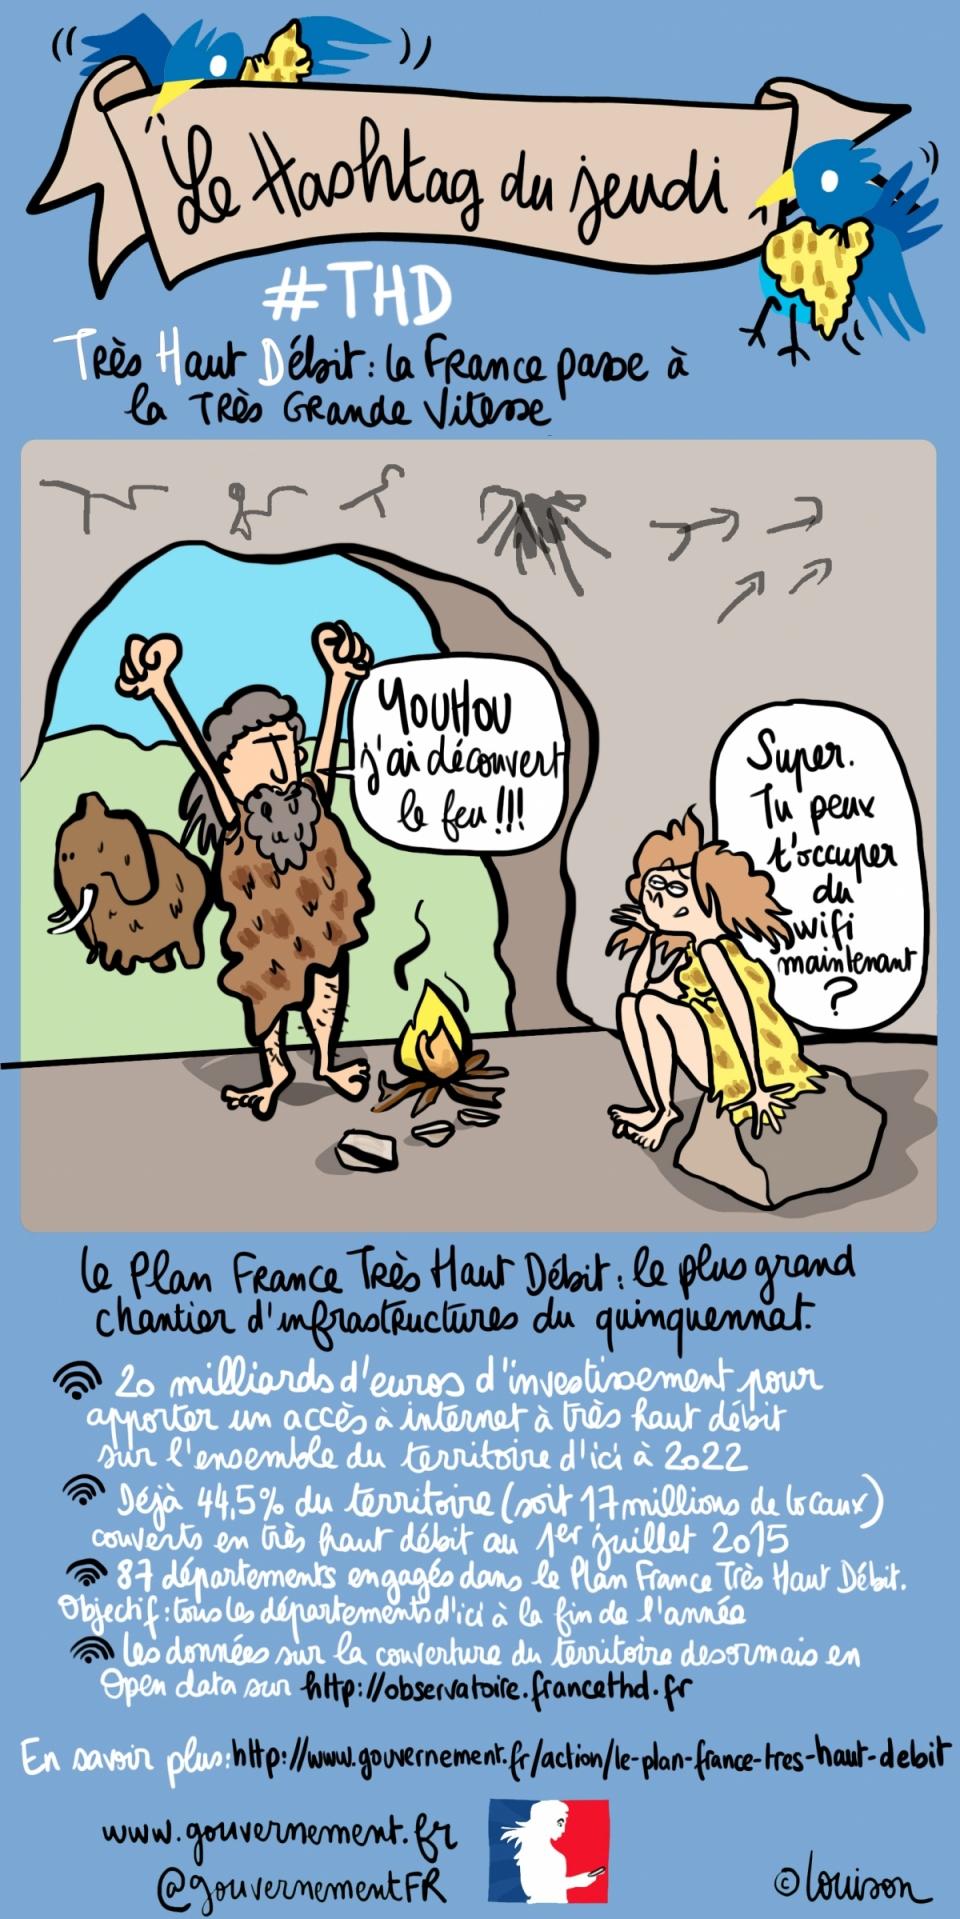 dessin sur le #THD : la France passe à la Très Grande Vitesse  - voir en plus grand